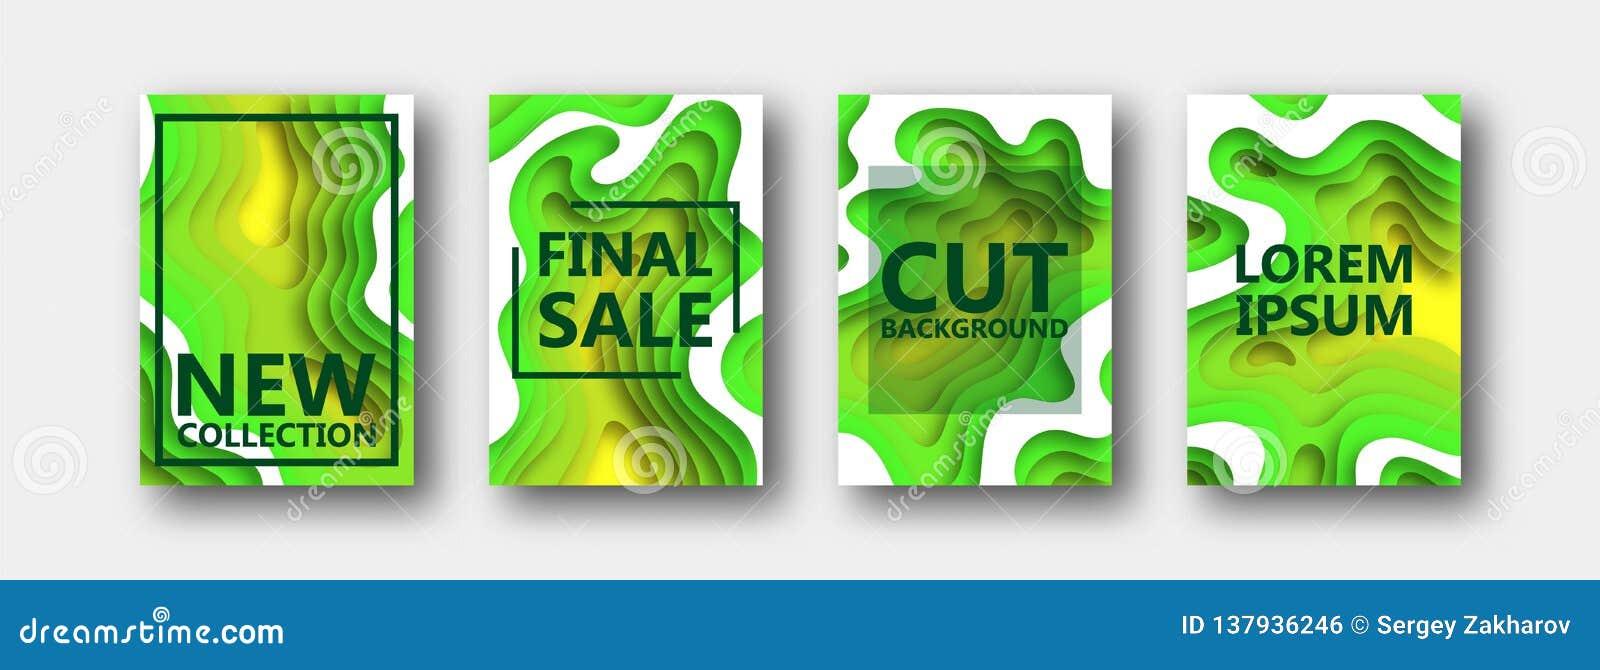 Set cztery opcji dla sztandarów, ulotki, broszurki, karty, plakaty dla twój projekta w zielonożółtych brzmieniach,